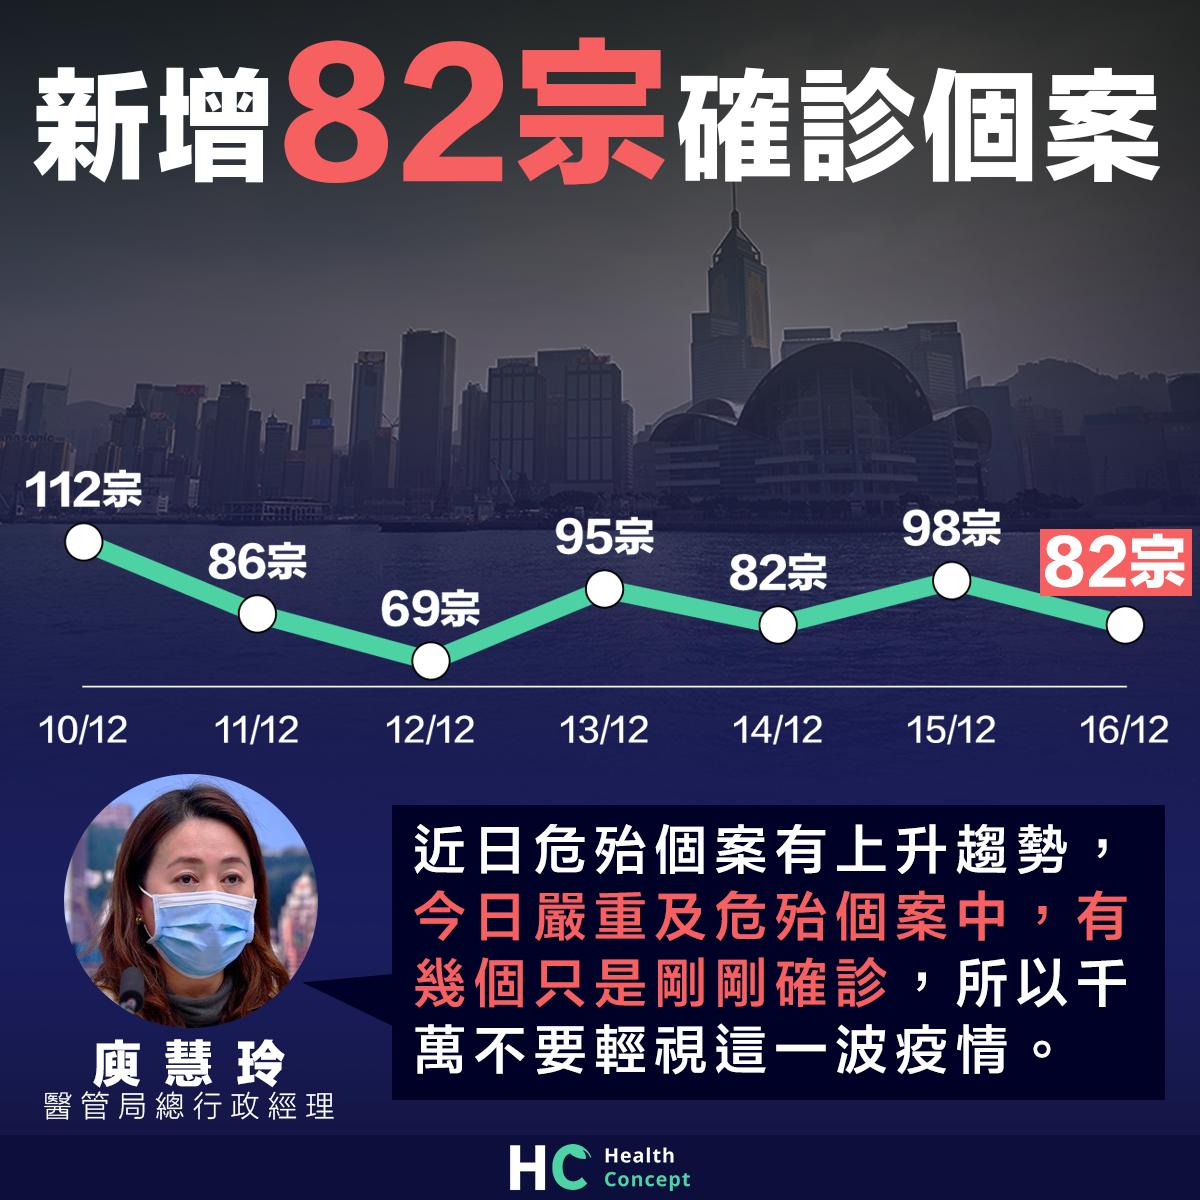 本港增82宗確診個案 數宗剛入院個案轉為嚴重及危殆